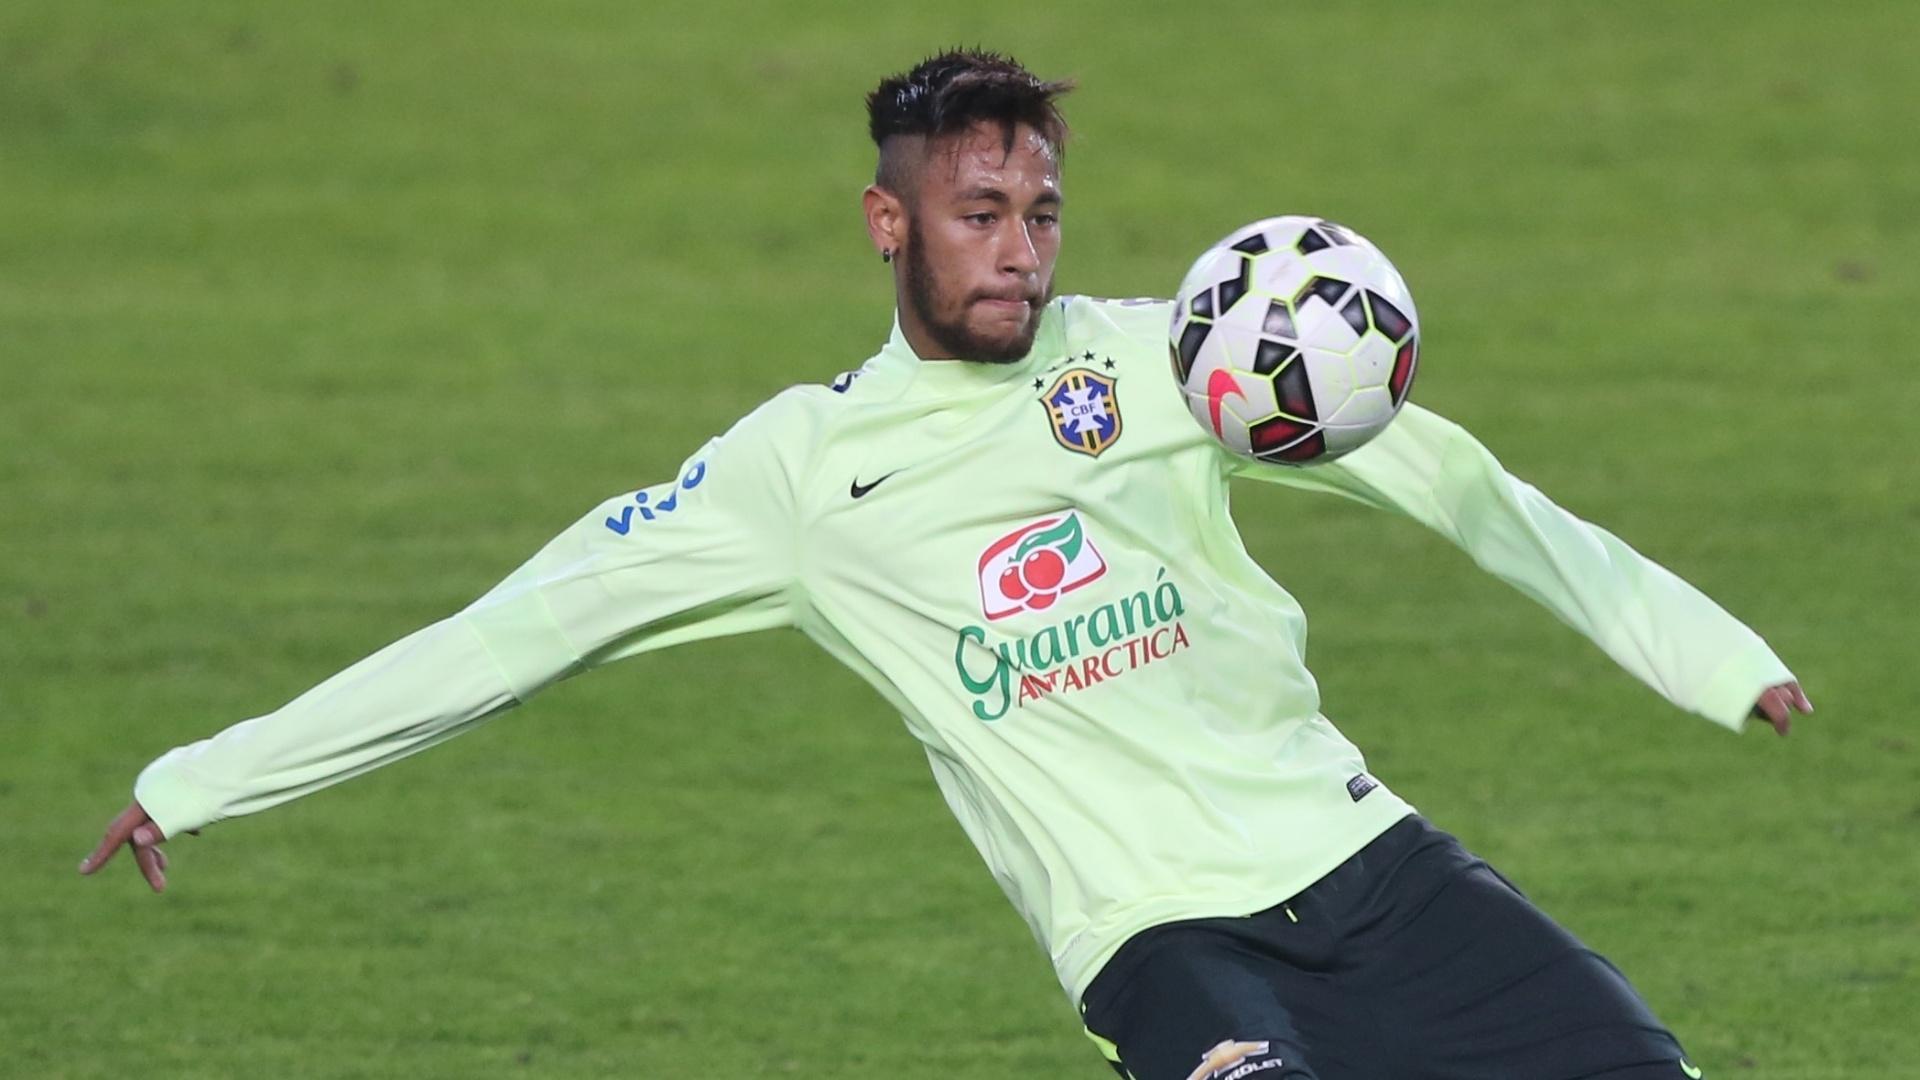 Neymar, atacante da seleção brasileira, se prepara para dar um voleio durante treino realizado em Istambul, antes do amistoso contra a Turquia